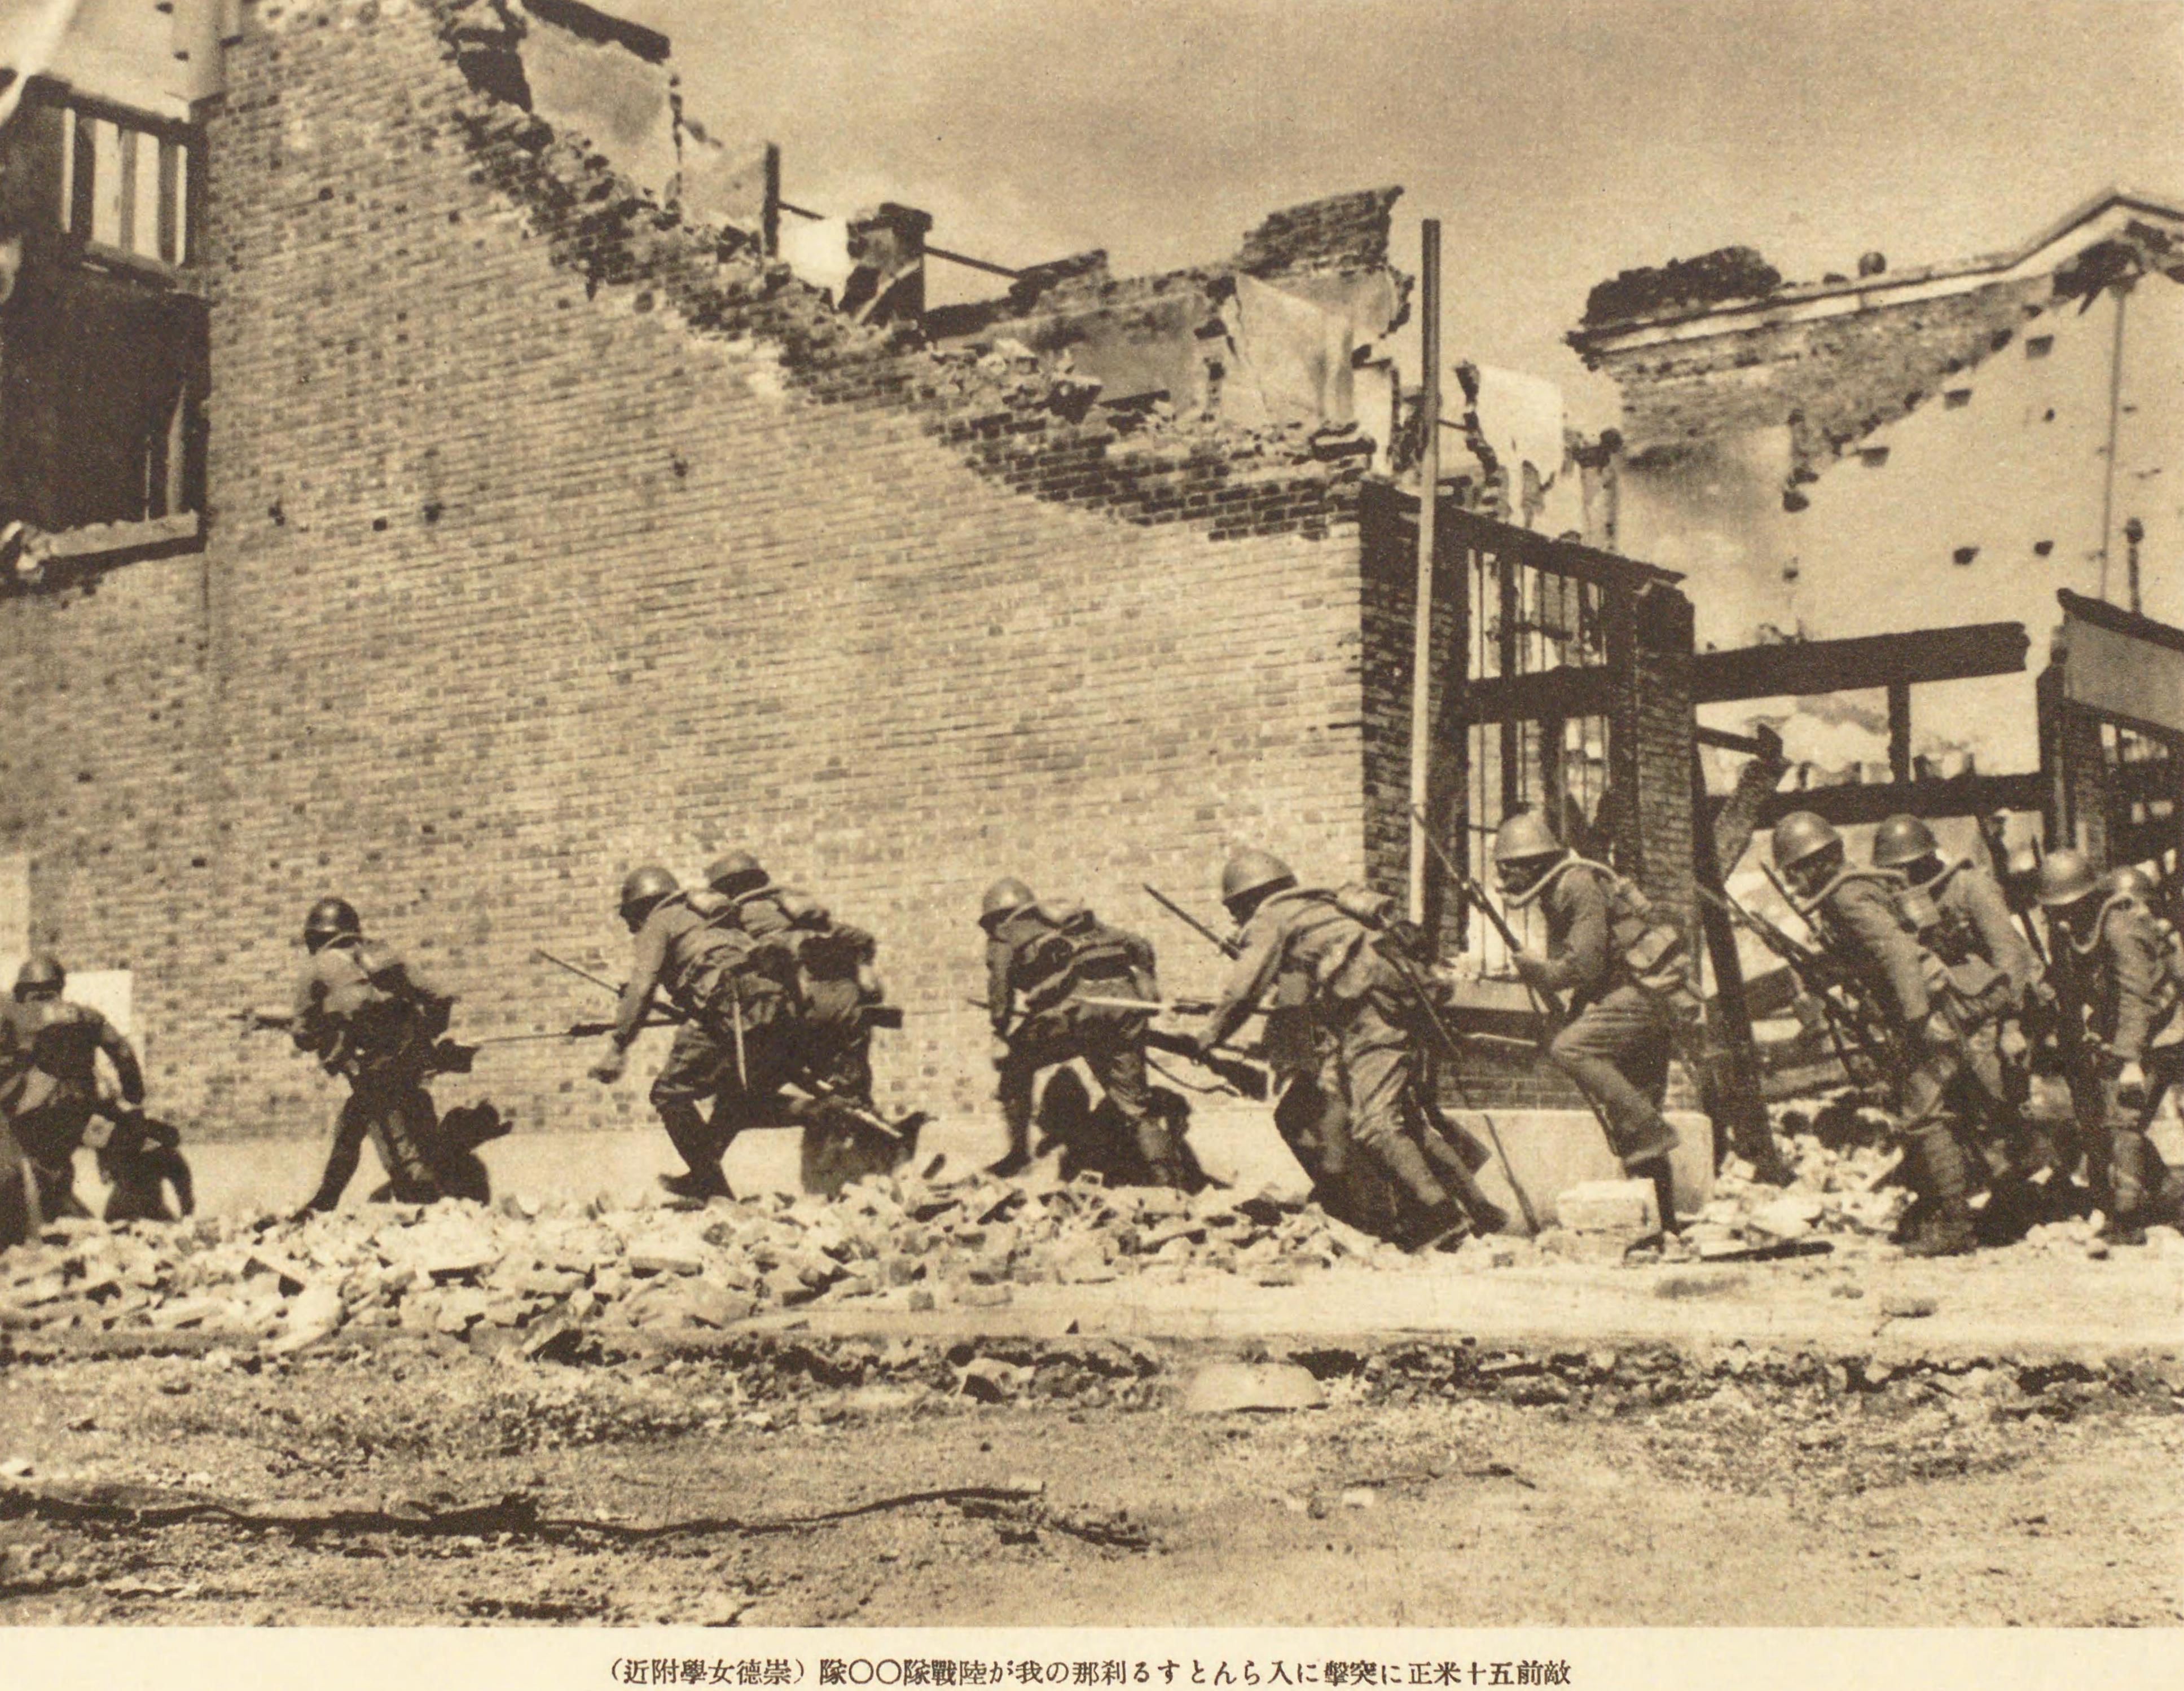 第二次上海事変 日本海軍陸戦隊